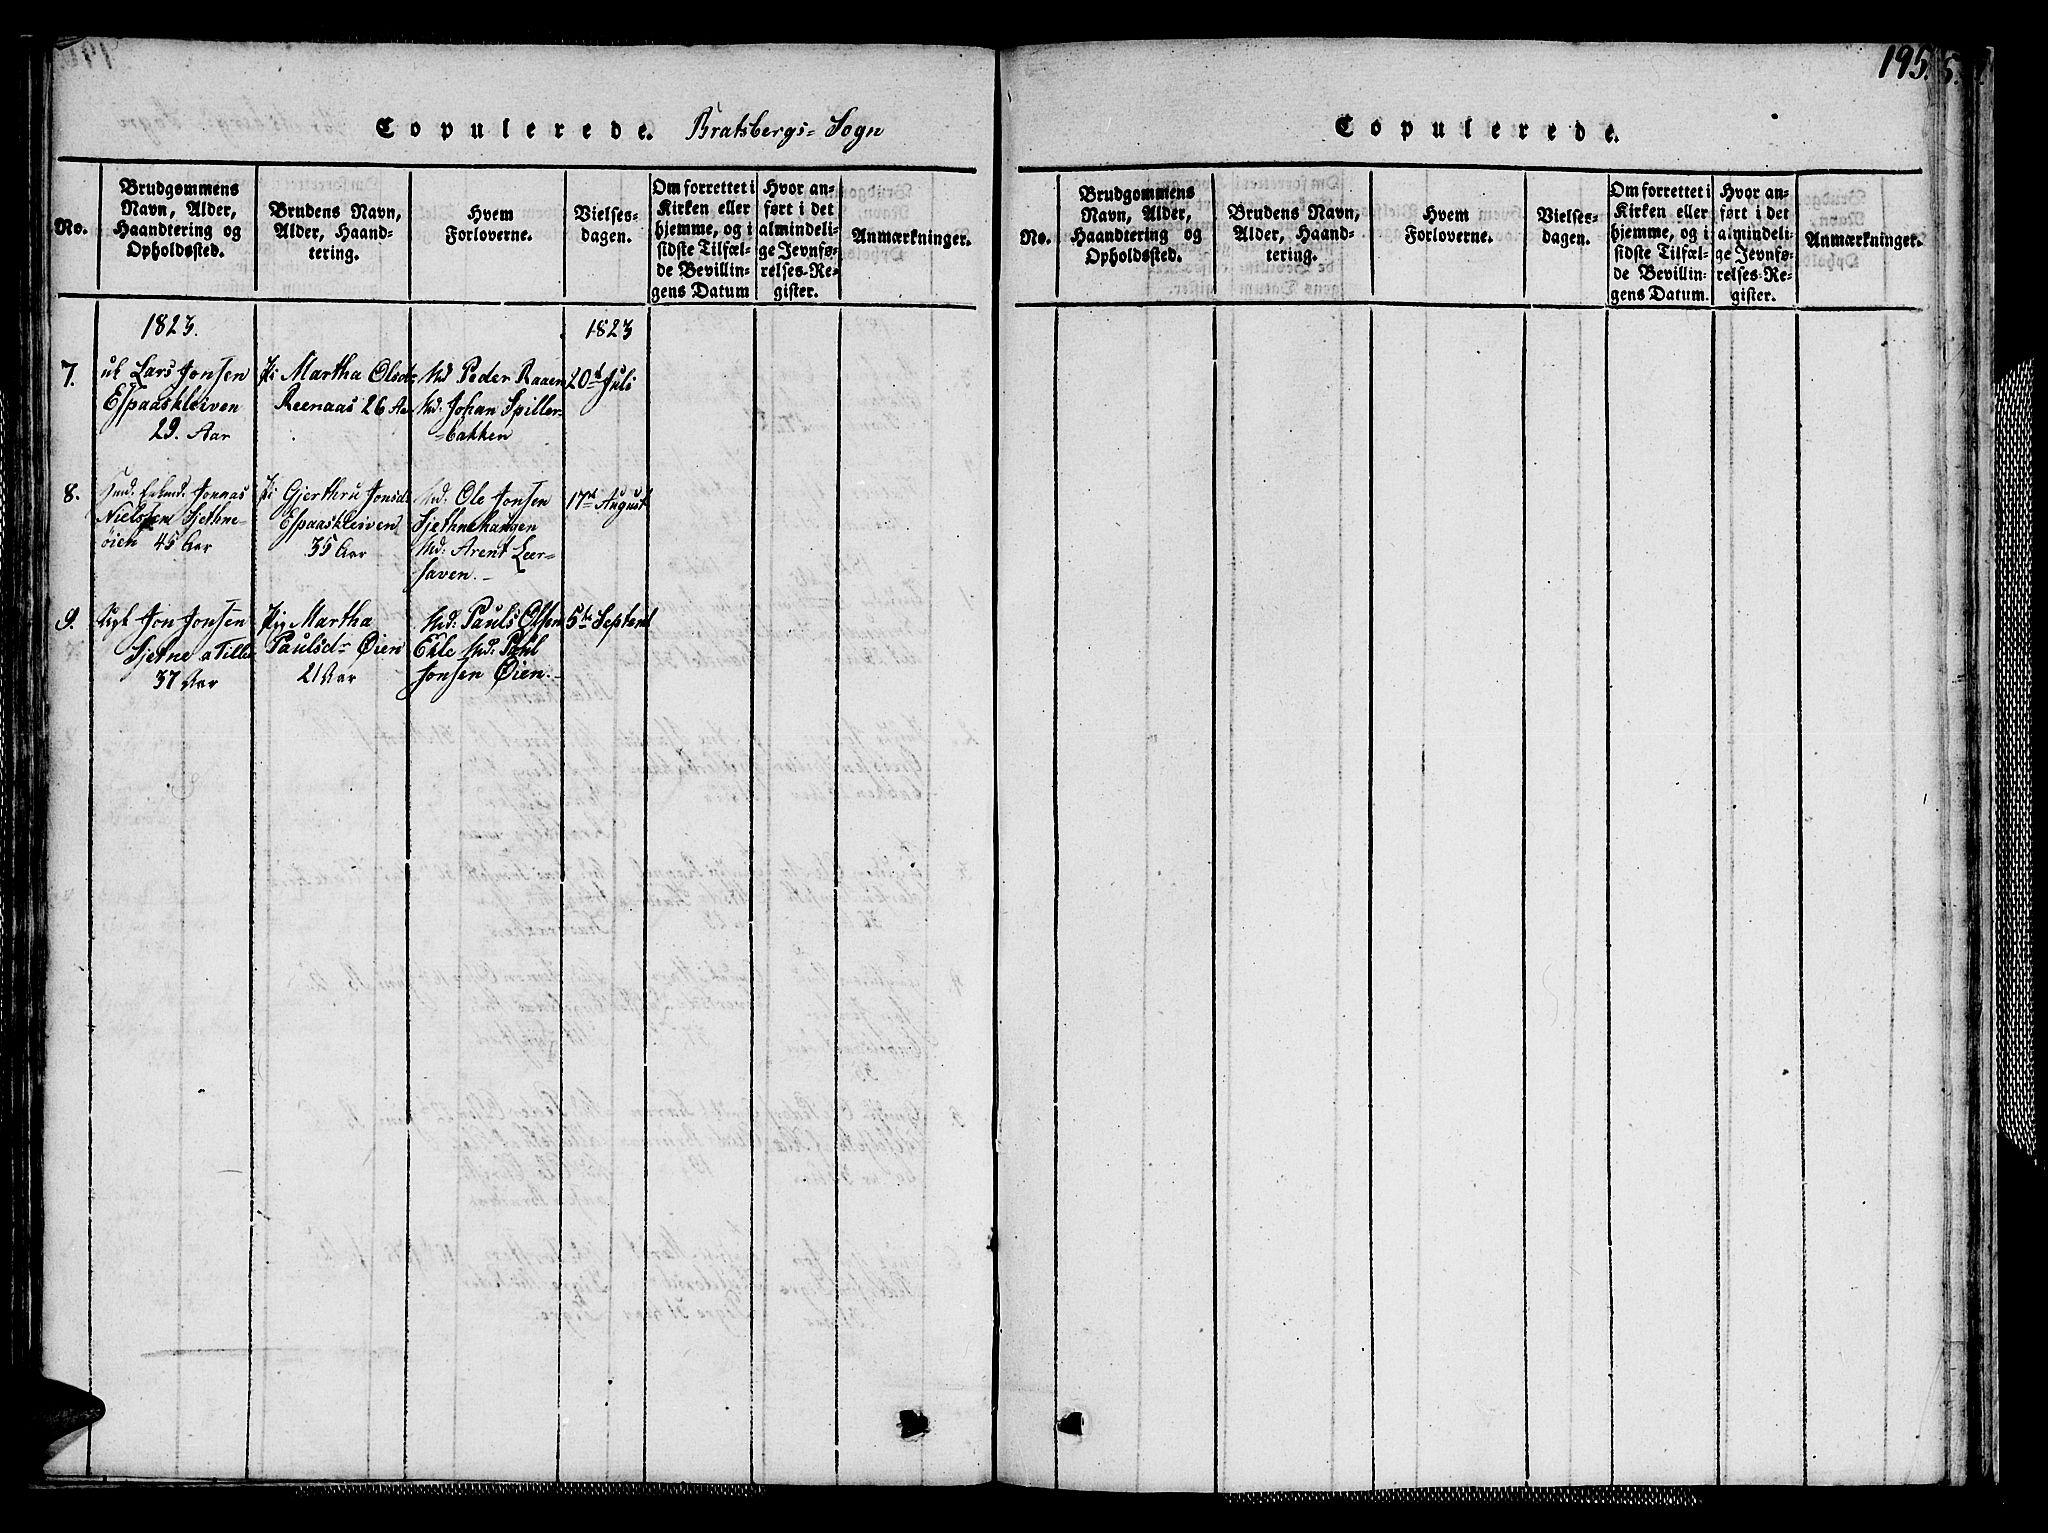 SAT, Ministerialprotokoller, klokkerbøker og fødselsregistre - Sør-Trøndelag, 608/L0336: Klokkerbok nr. 608C02, 1817-1827, s. 195